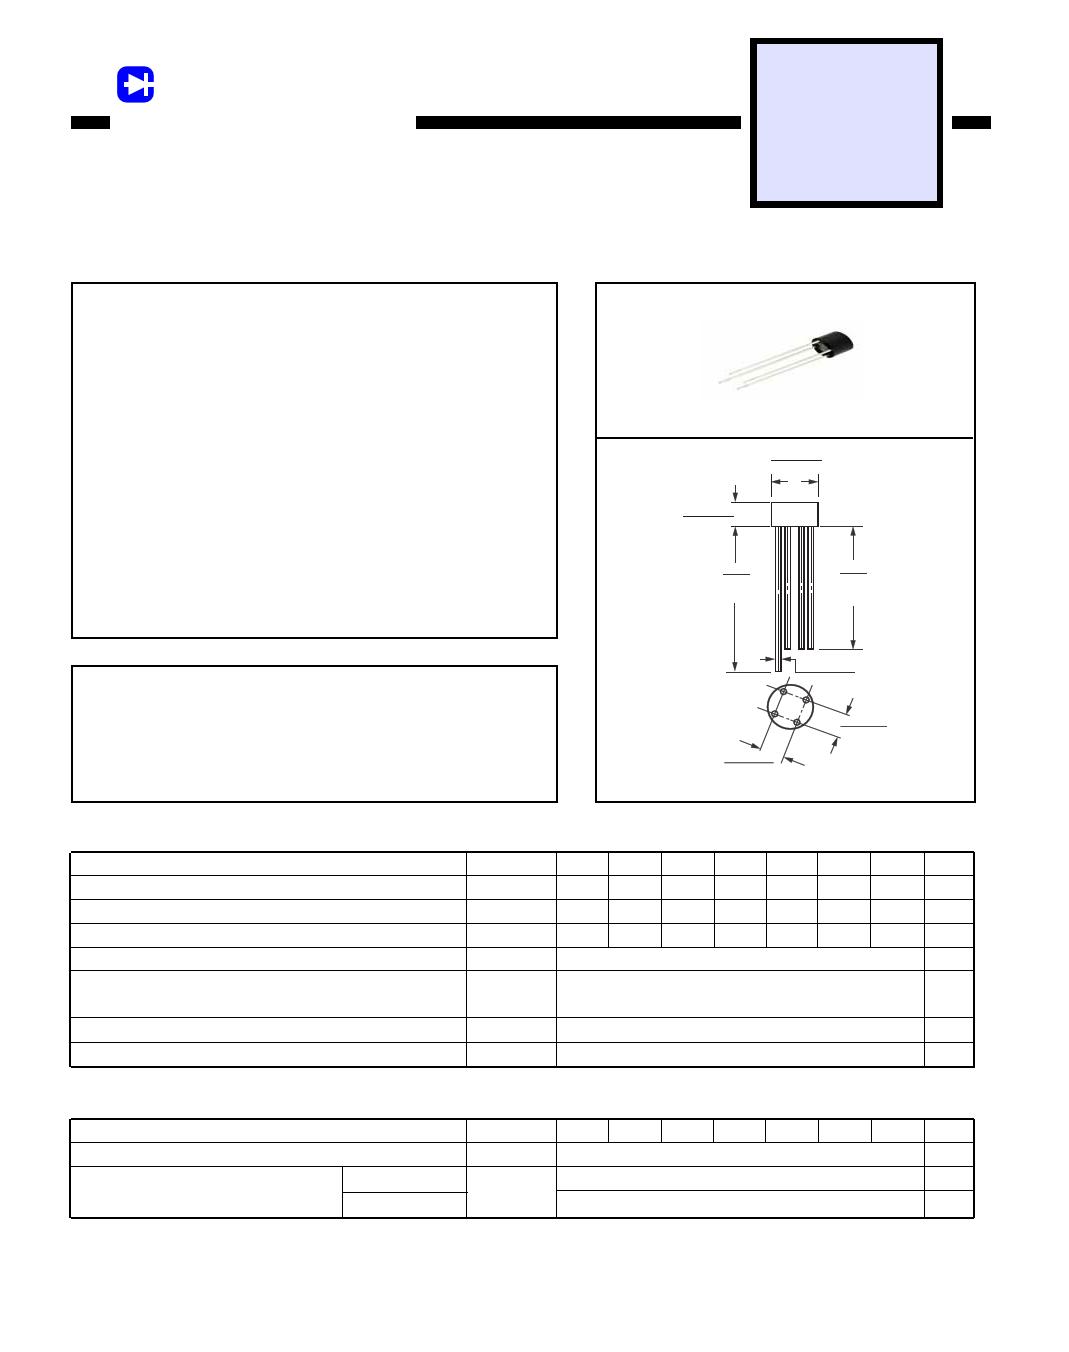 W005L Hoja de datos, Descripción, Manual